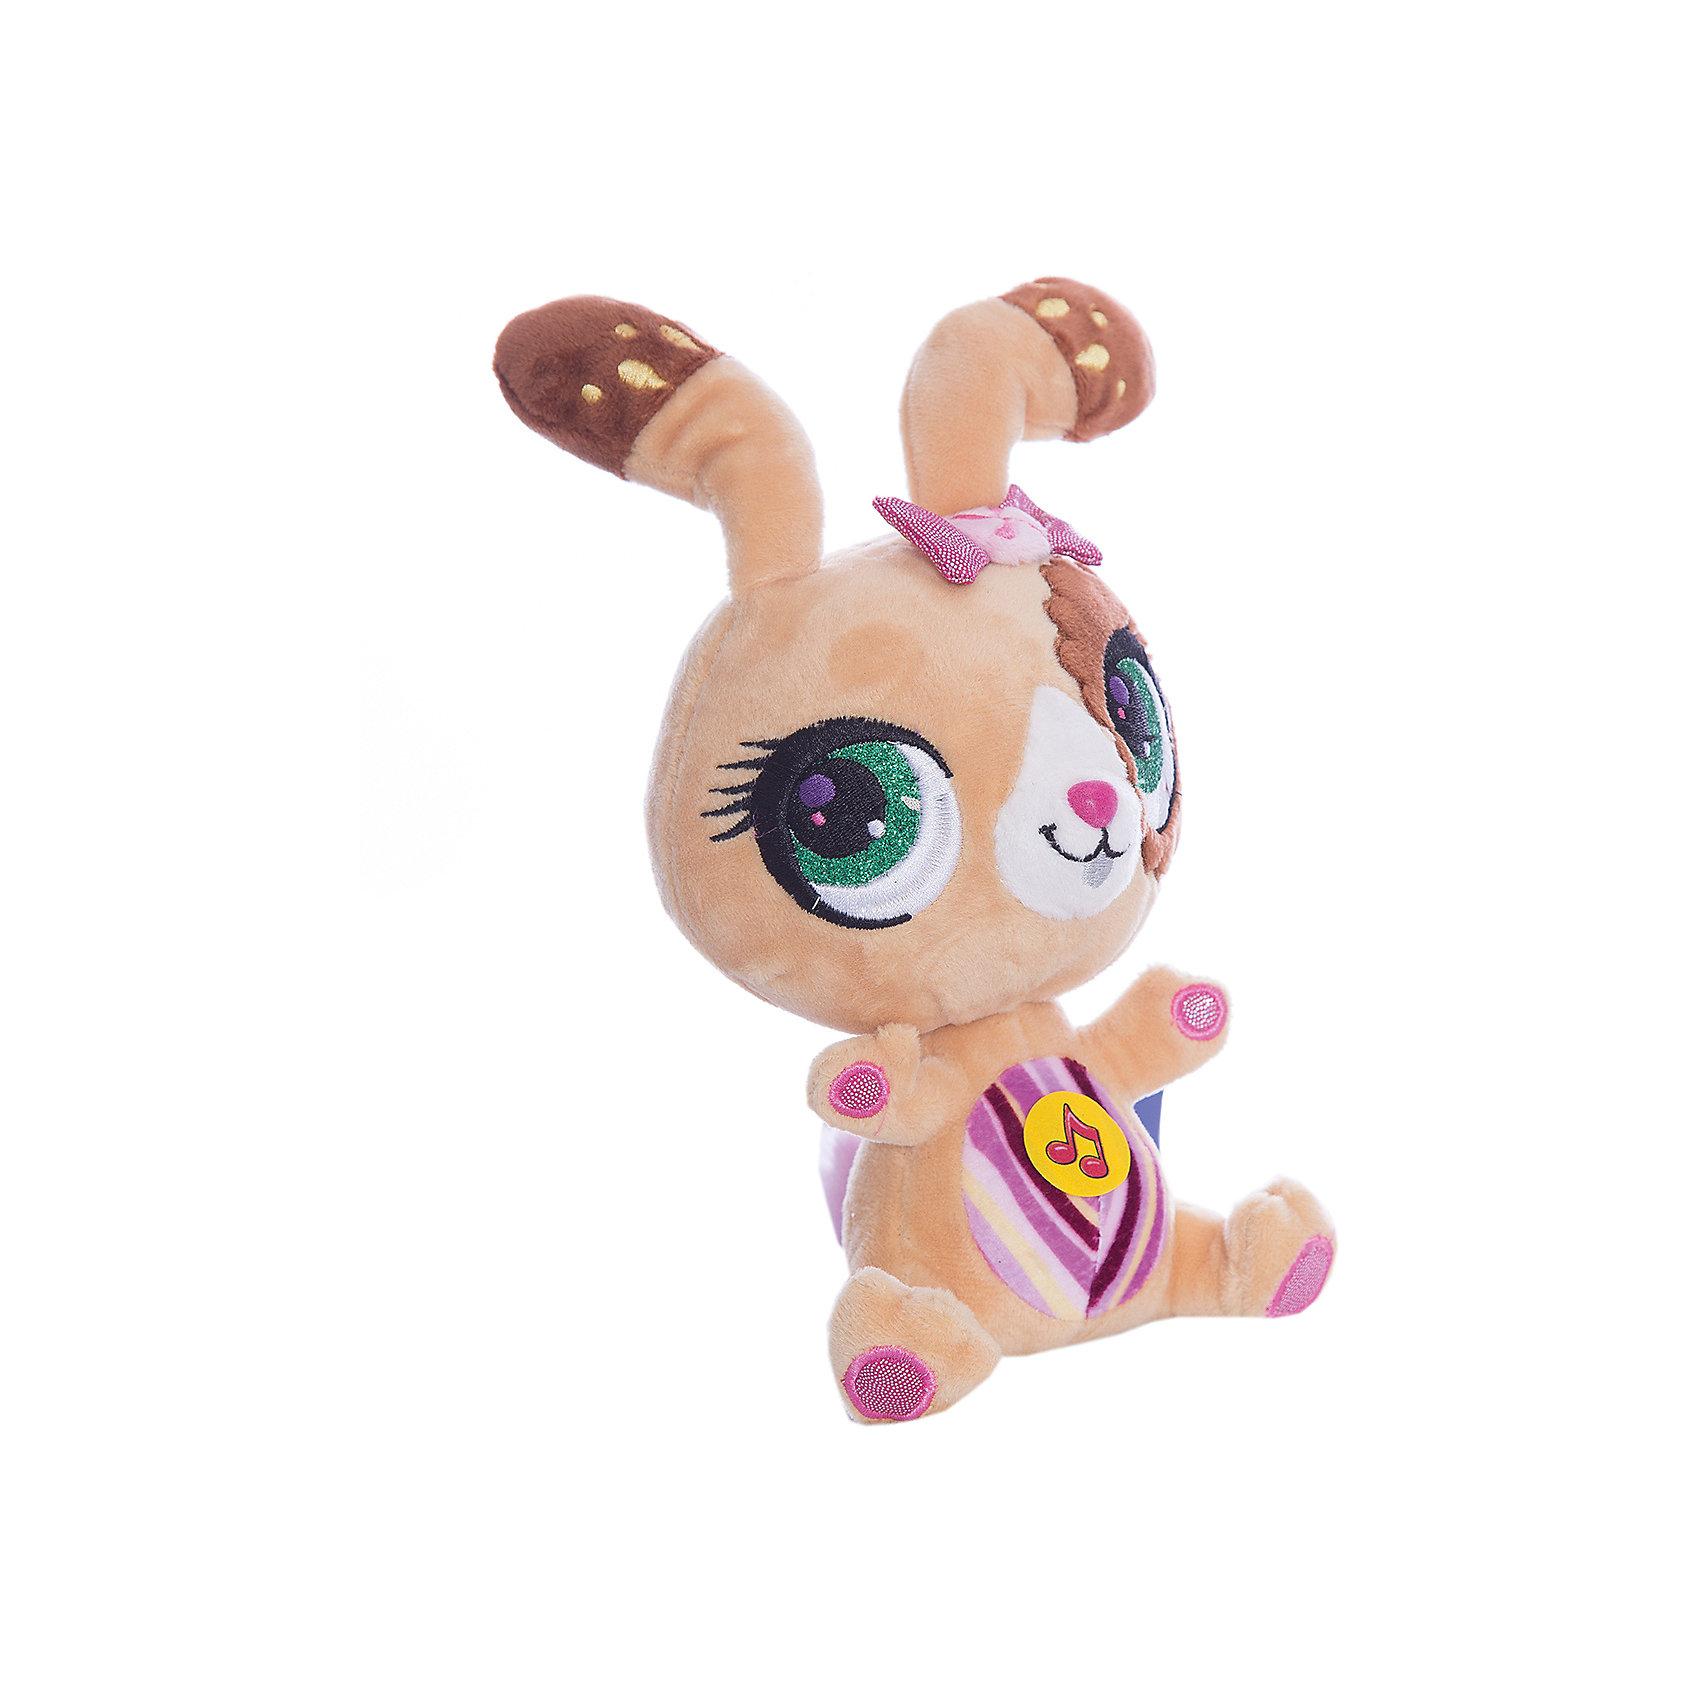 МУЛЬТИ-ПУЛЬТИ Мягкая игрушка  Кролик, 17 см, со звуком, МУЛЬТИ-ПУЛЬТИ мульти пульти мягкая игрушка чебурашка со звуком мульти пульти